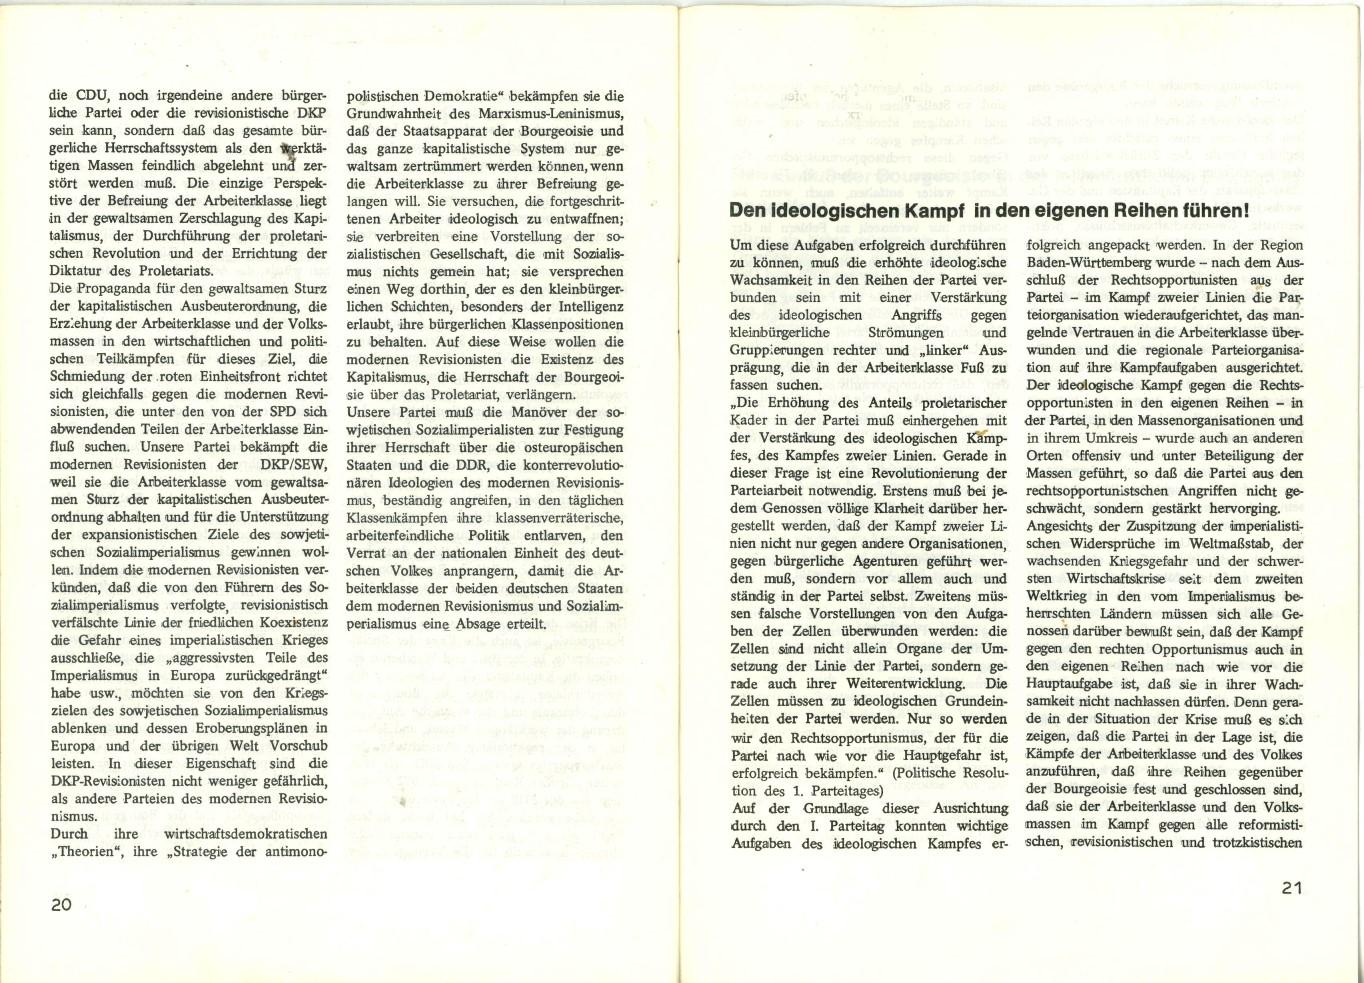 KPD_Entschliessungen_19750200_12